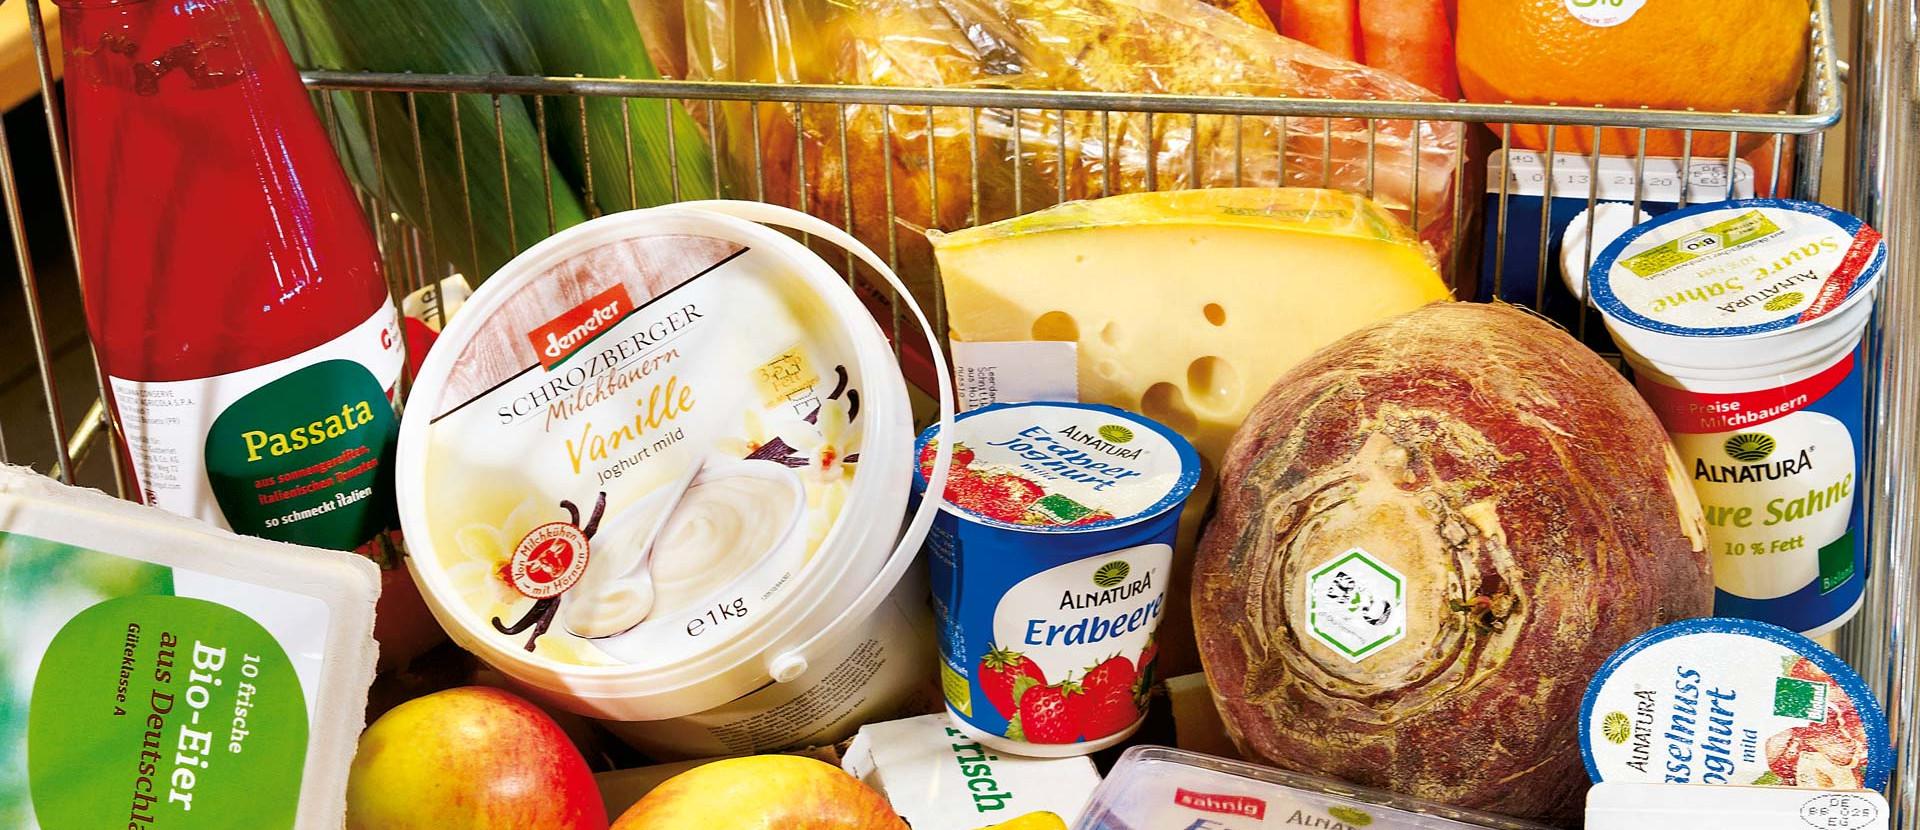 Bio Produkte in Einkaufswagen